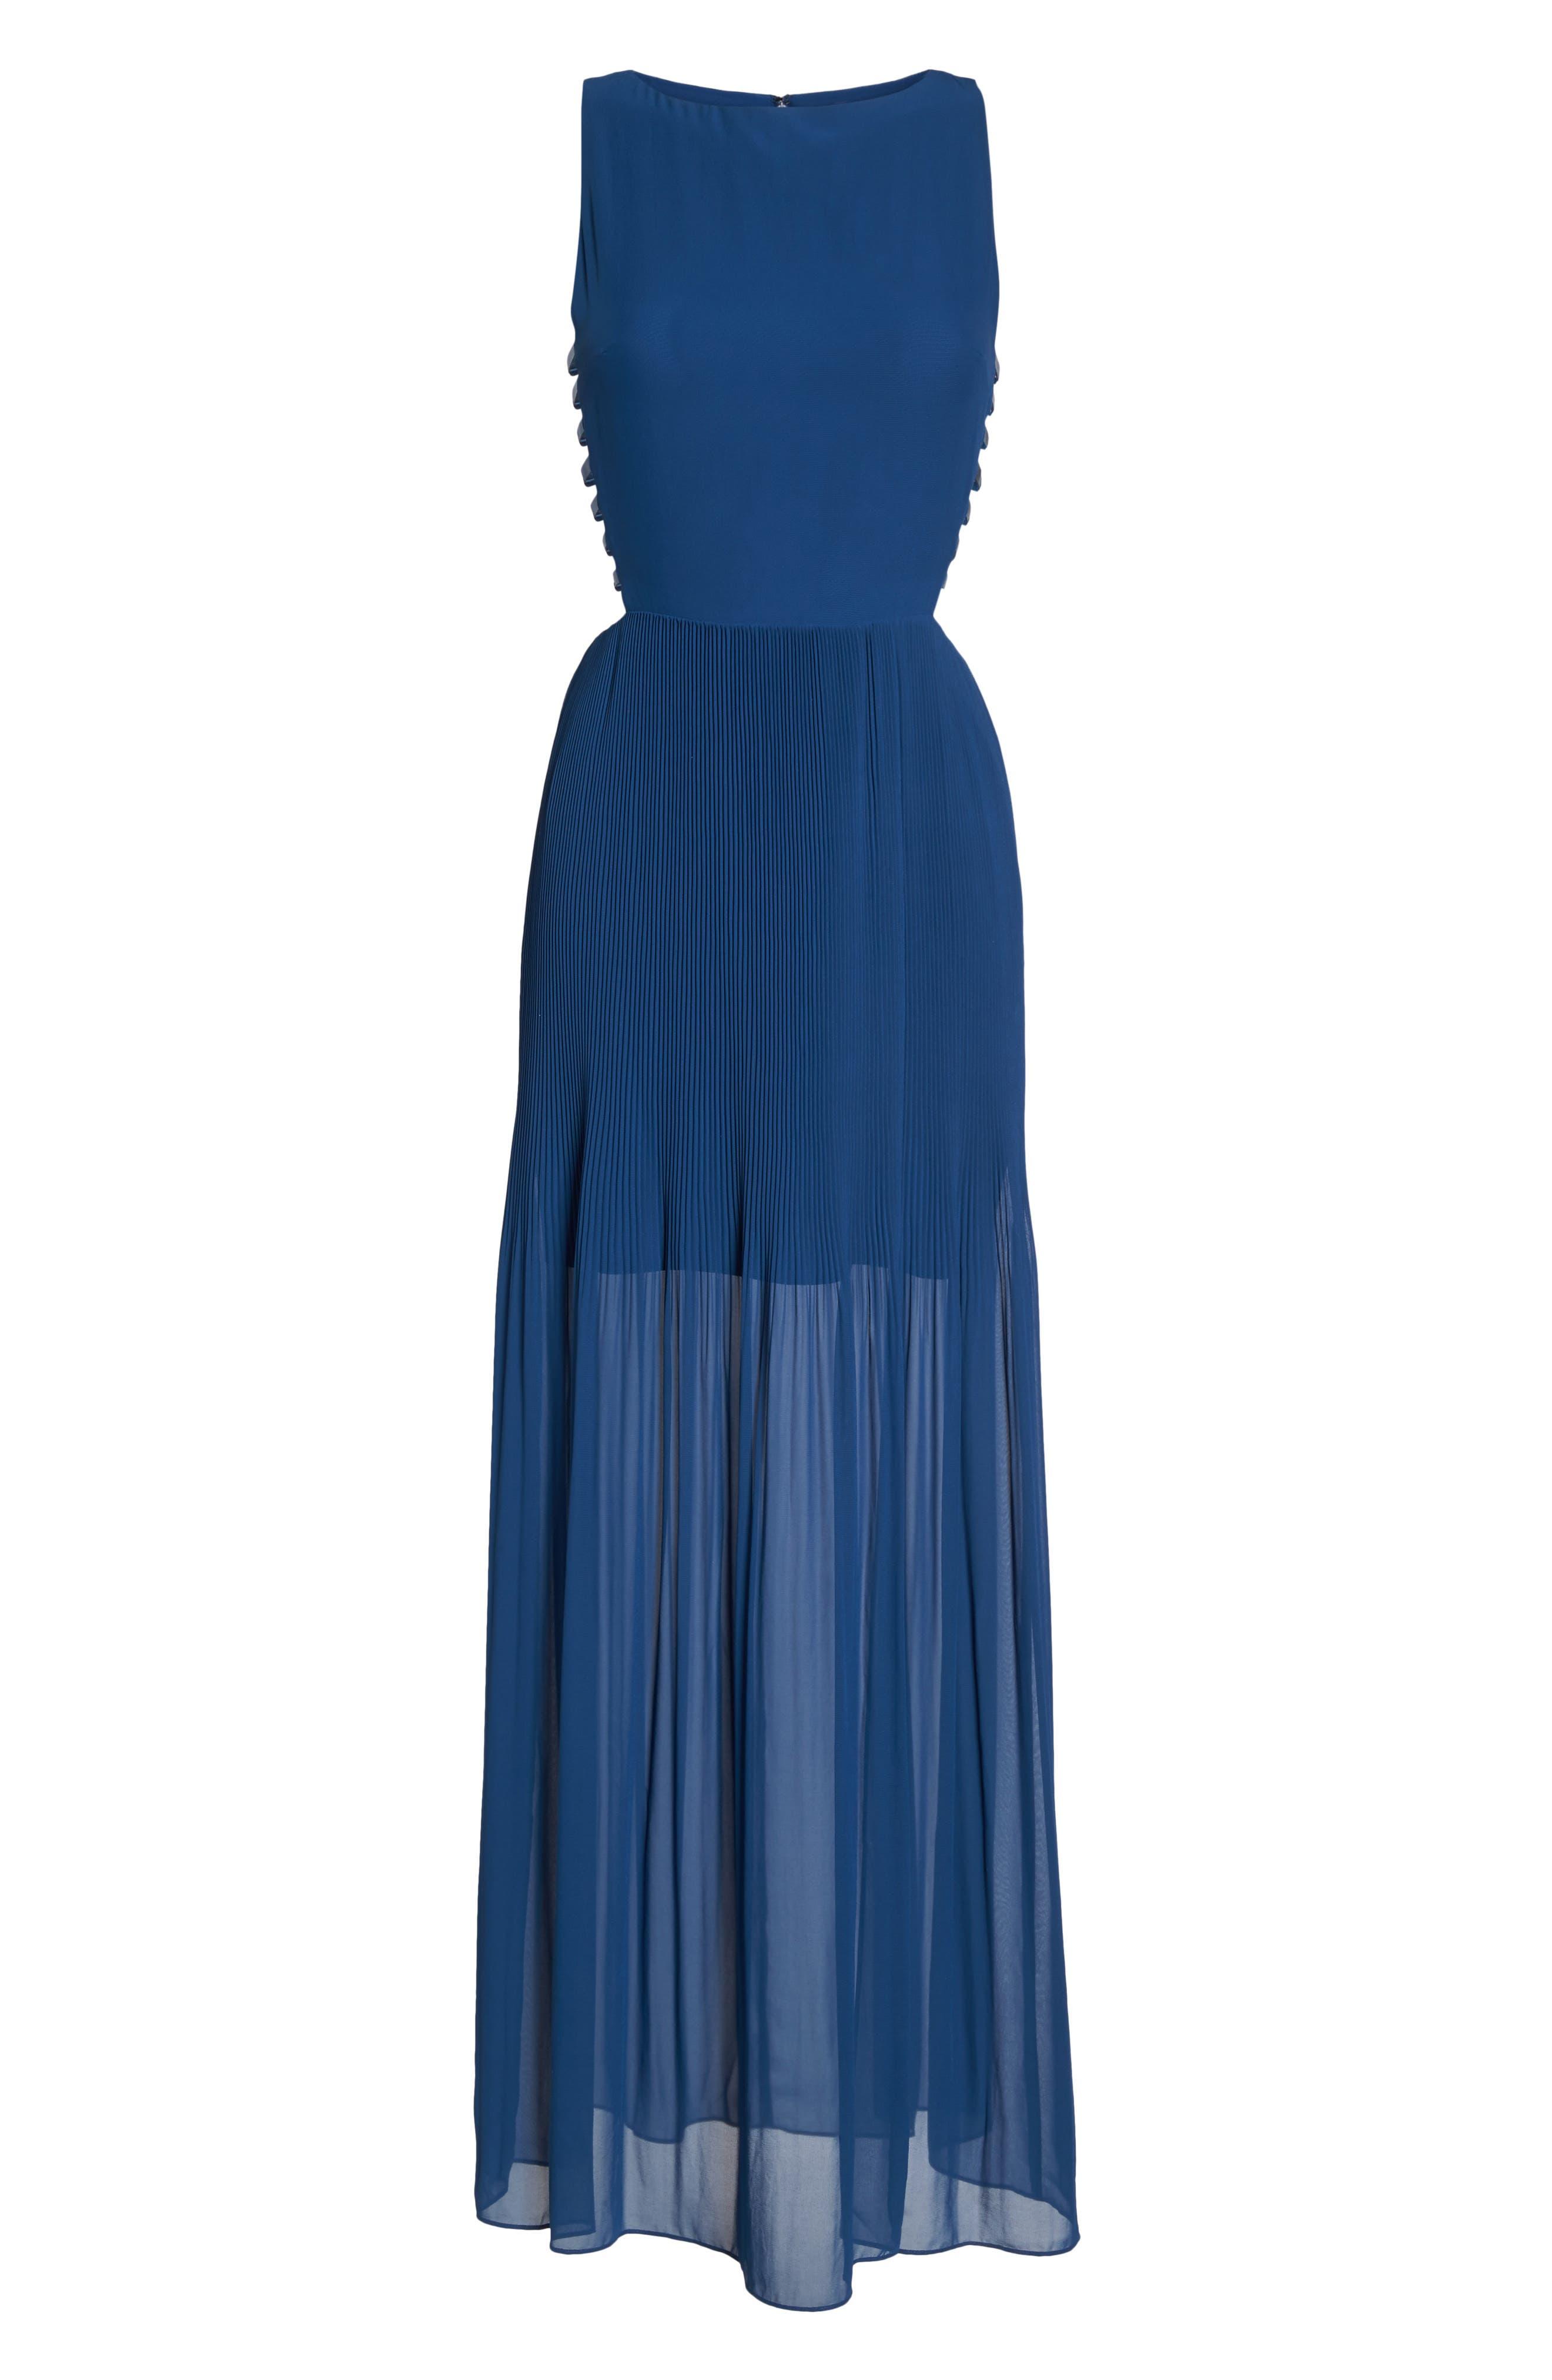 Sunset Blvd Maxi Dress,                             Alternate thumbnail 12, color,